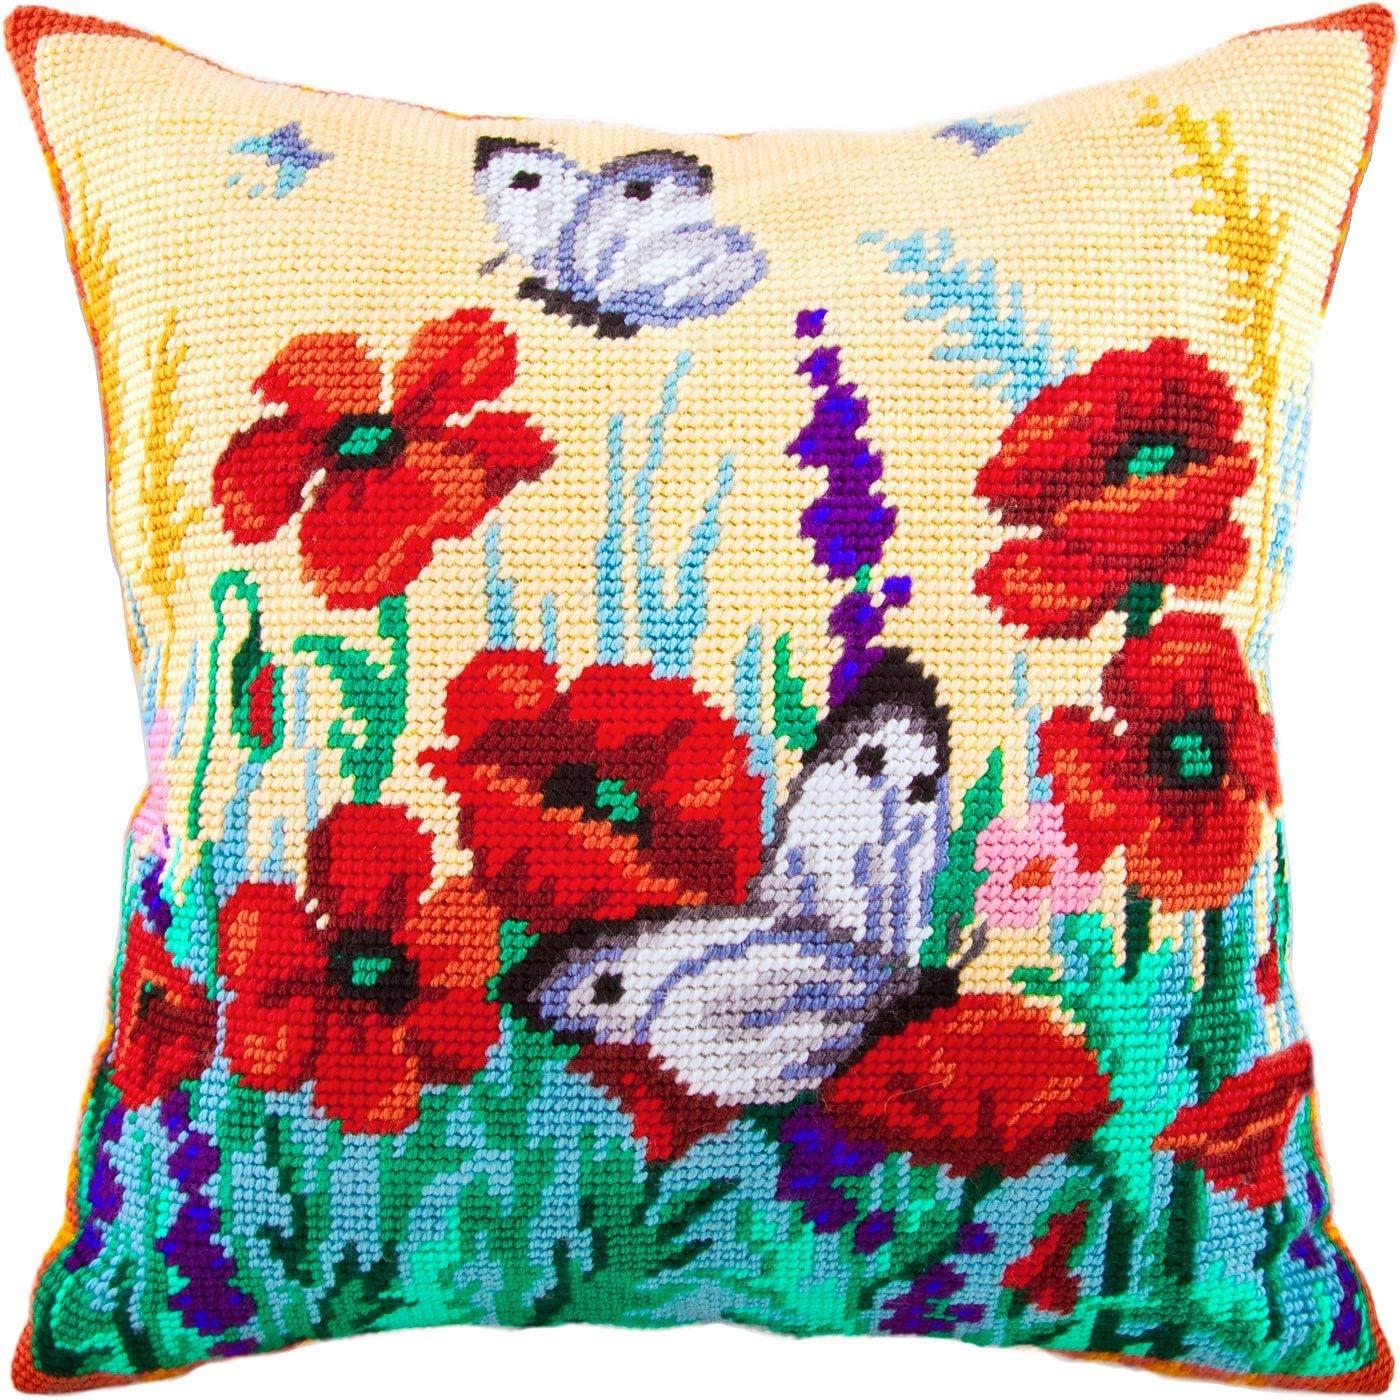 Large Whites on Poppies. Needlepoint Kit. マート 安心の実績 高価 買取 強化中 16×16 Inc Pillow Throw